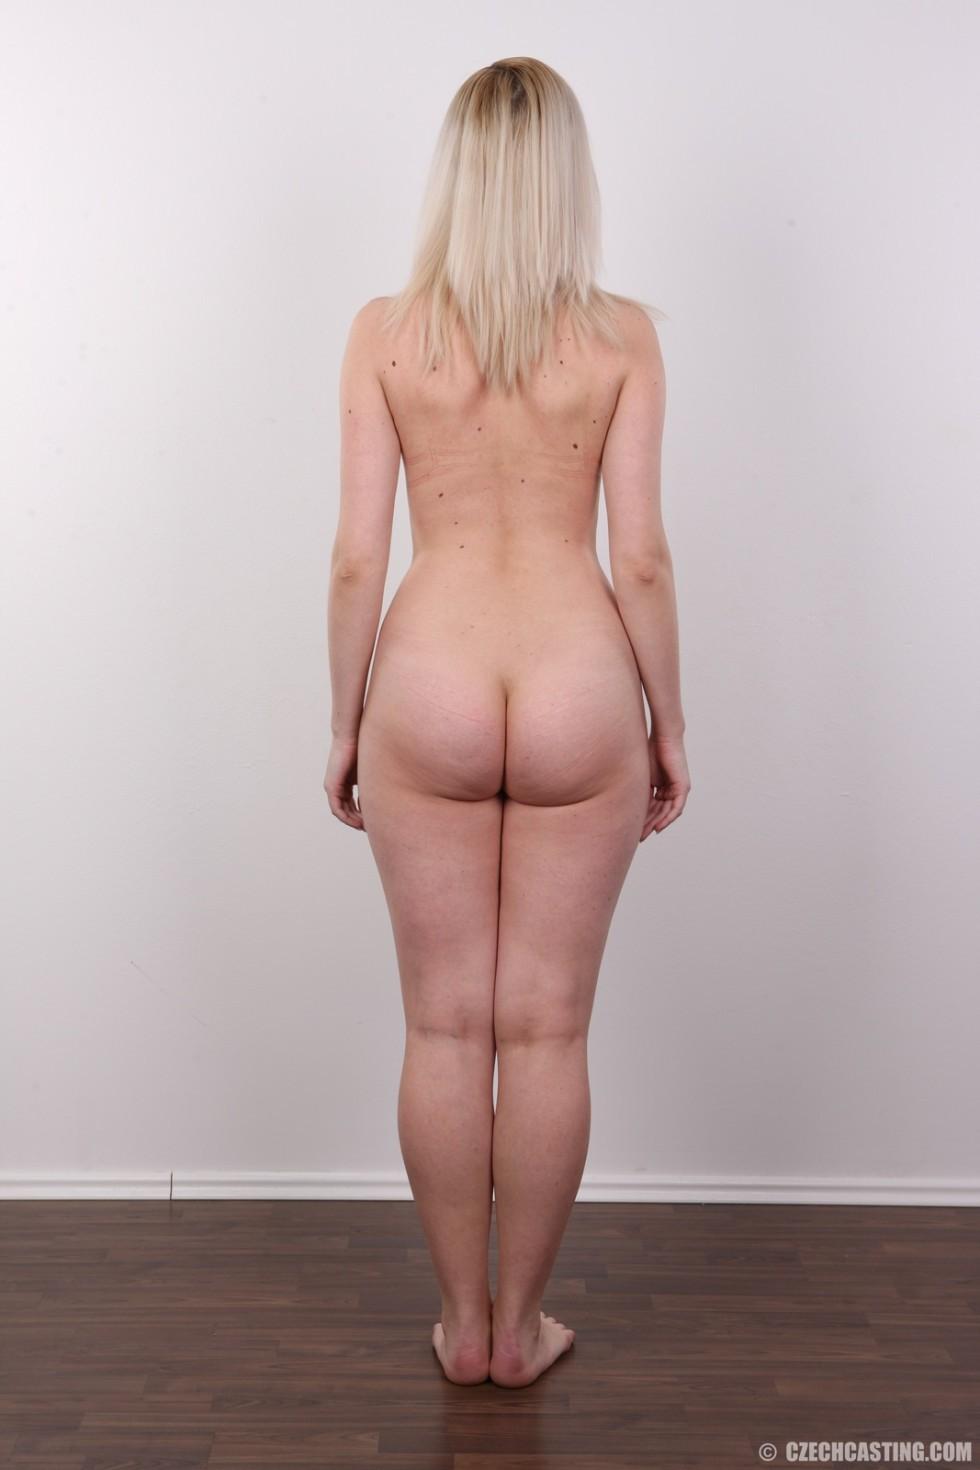 Кастинг с привлекательной блондинистой девушкой